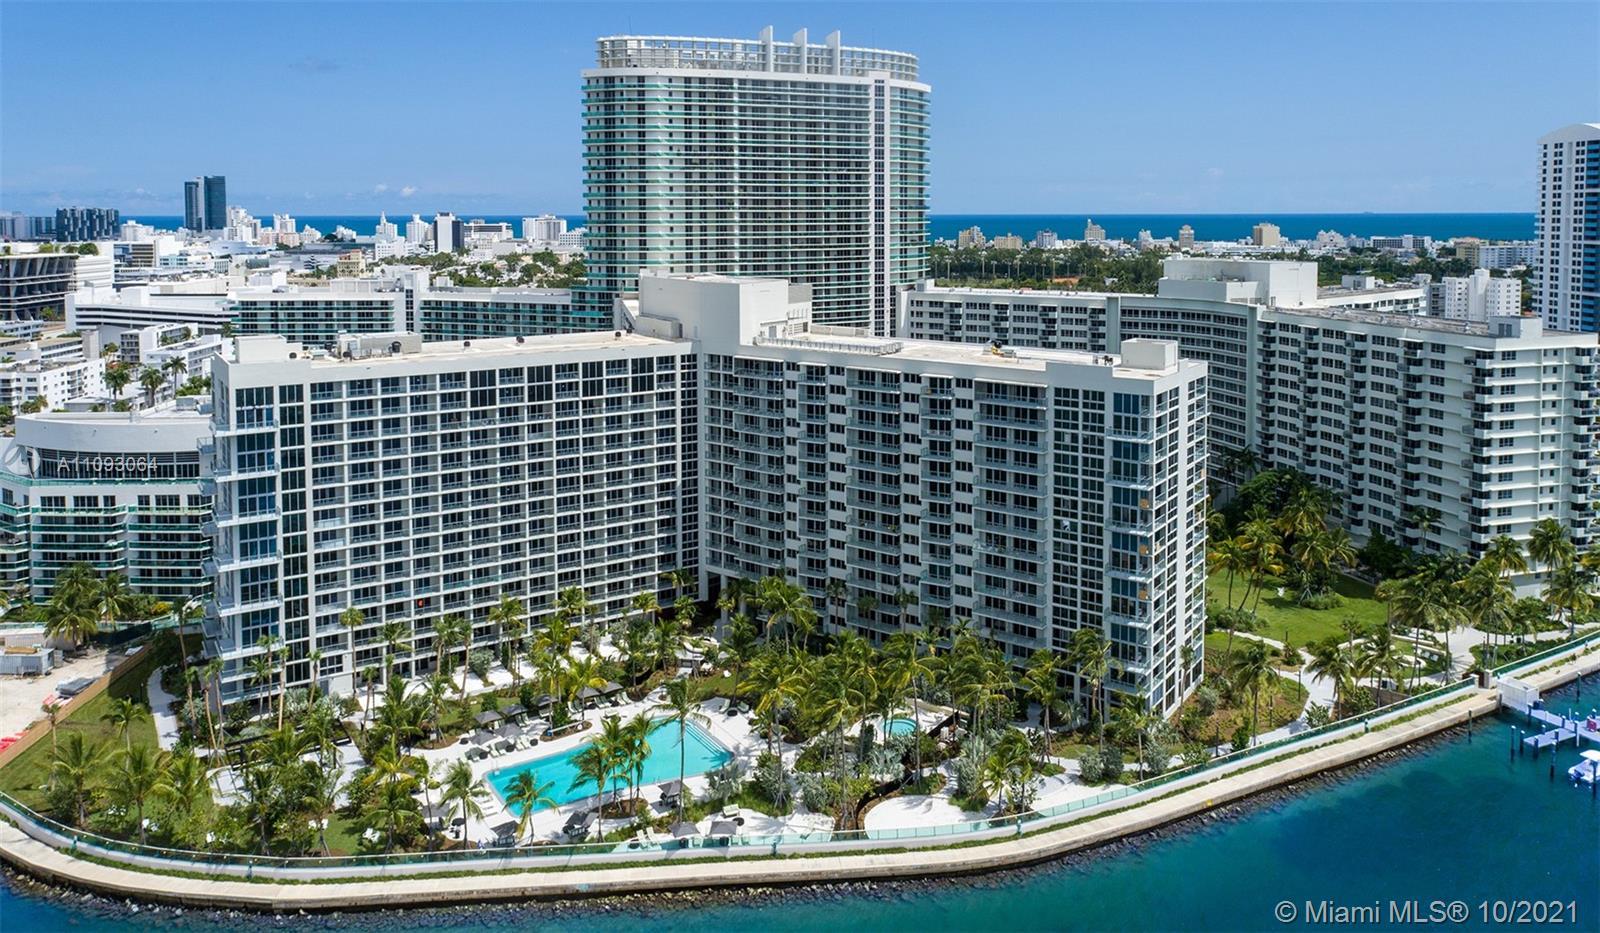 Flamingo South Beach #N-1129 - 1500 Bay Rd #N-1129, Miami Beach, FL 33139